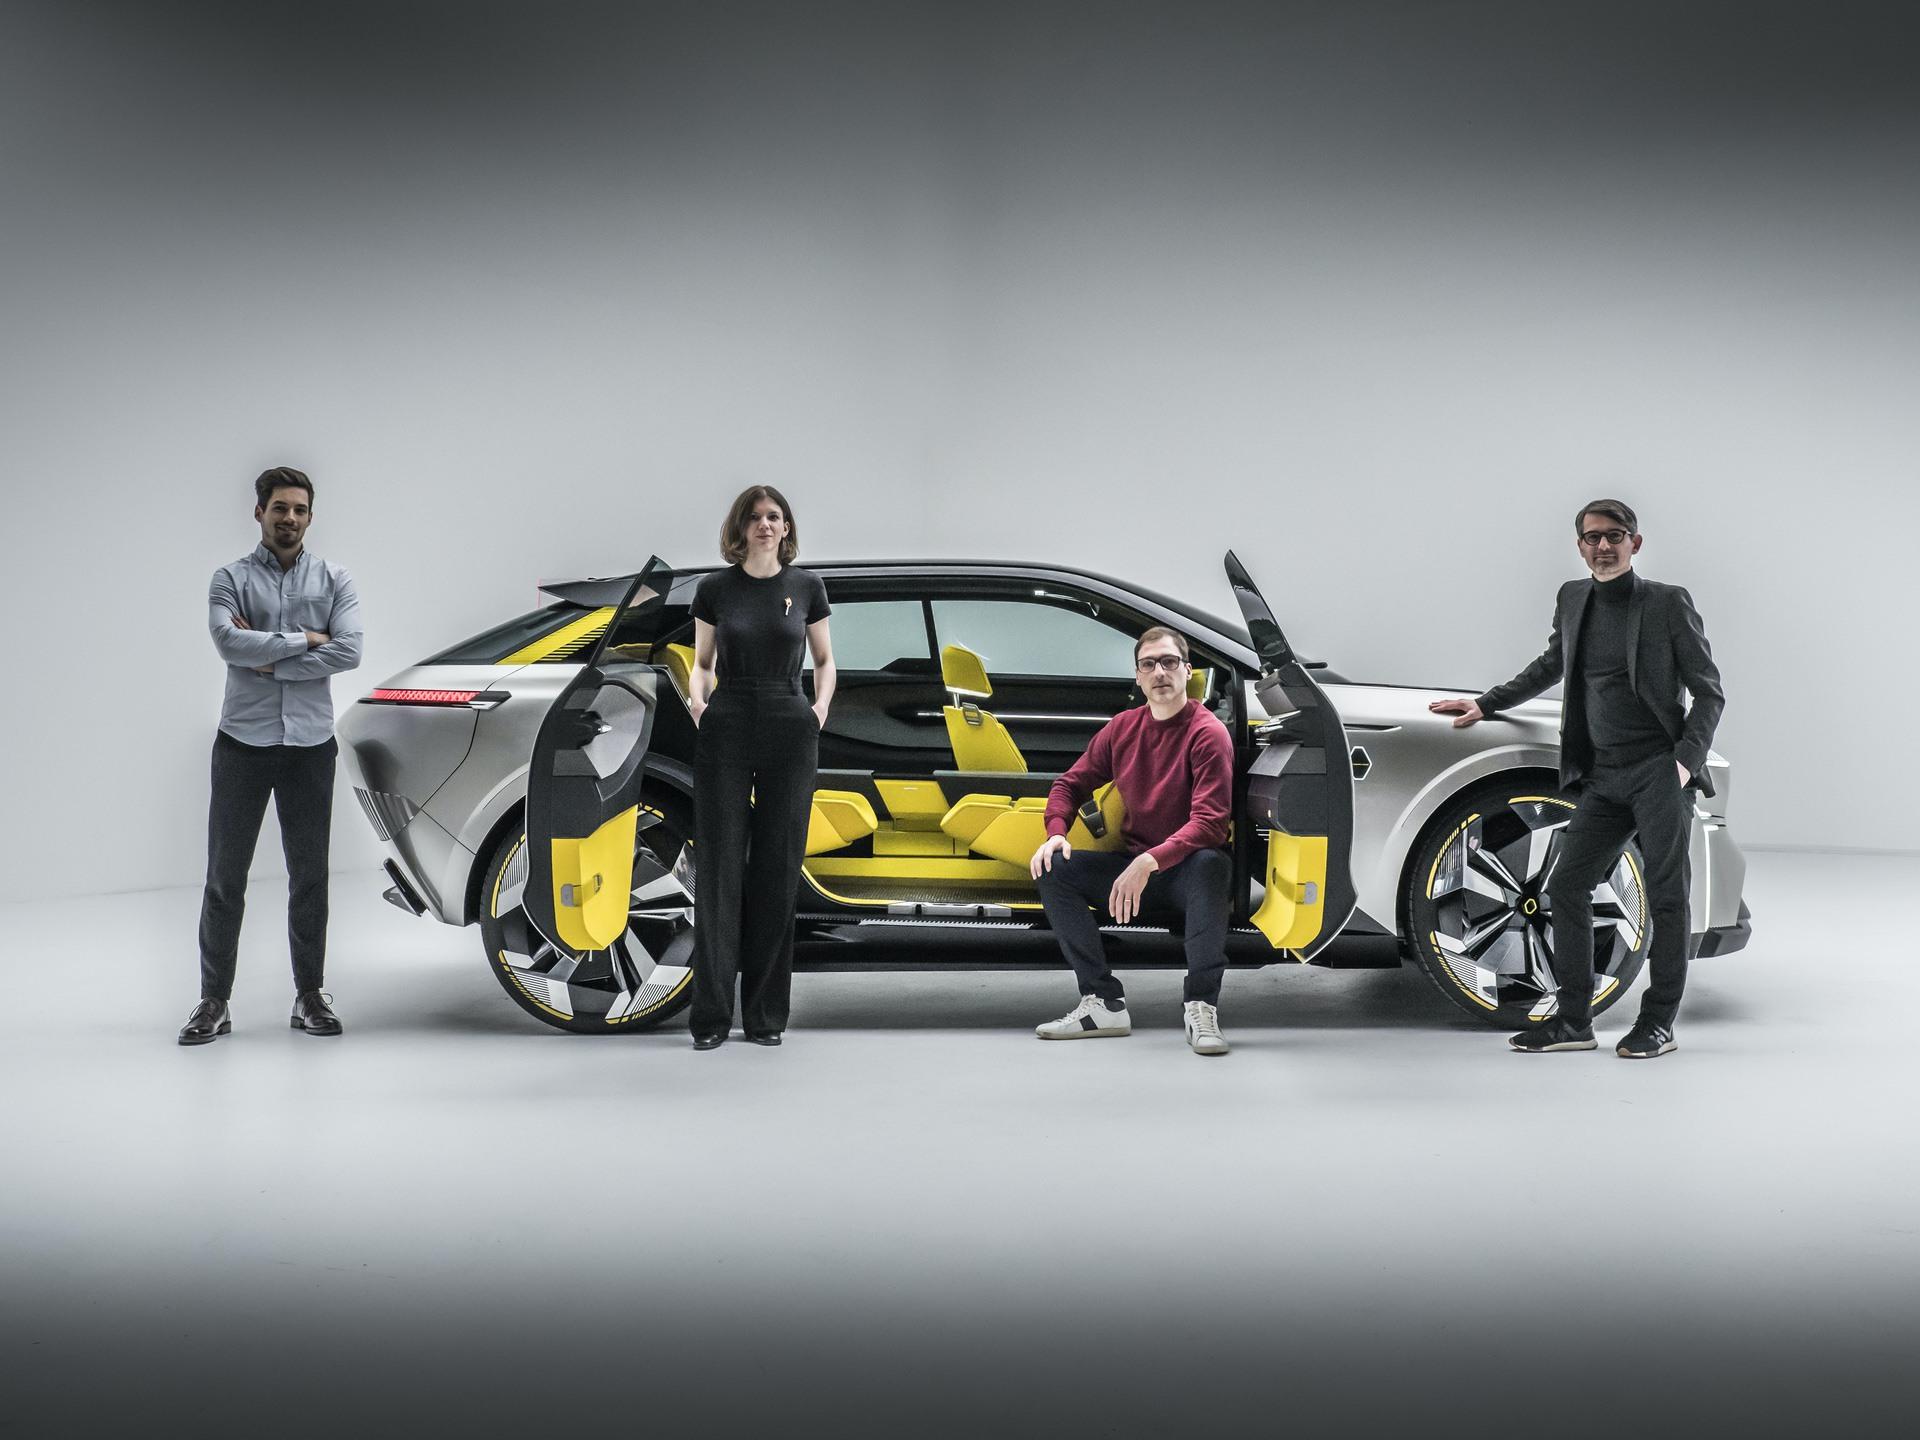 Renault_Morphoz_concept_0155